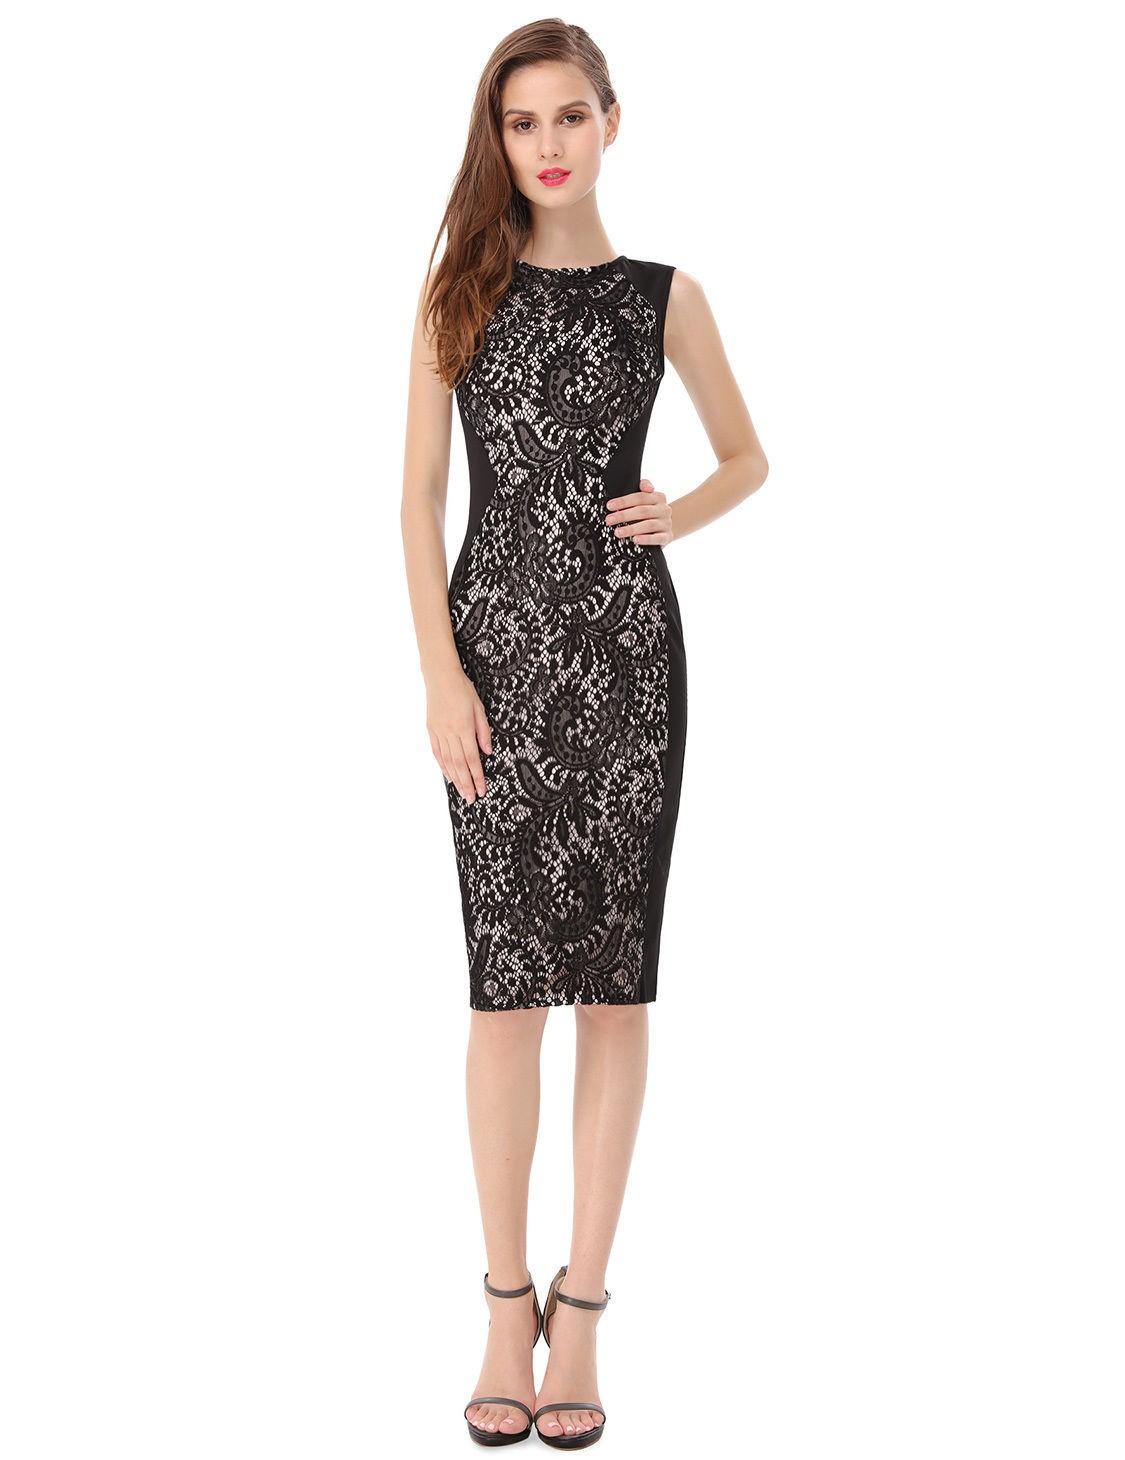 Krátké společenské šaty ve velikosti XS - Hollywood Style E-Shop ... 43f02eae98